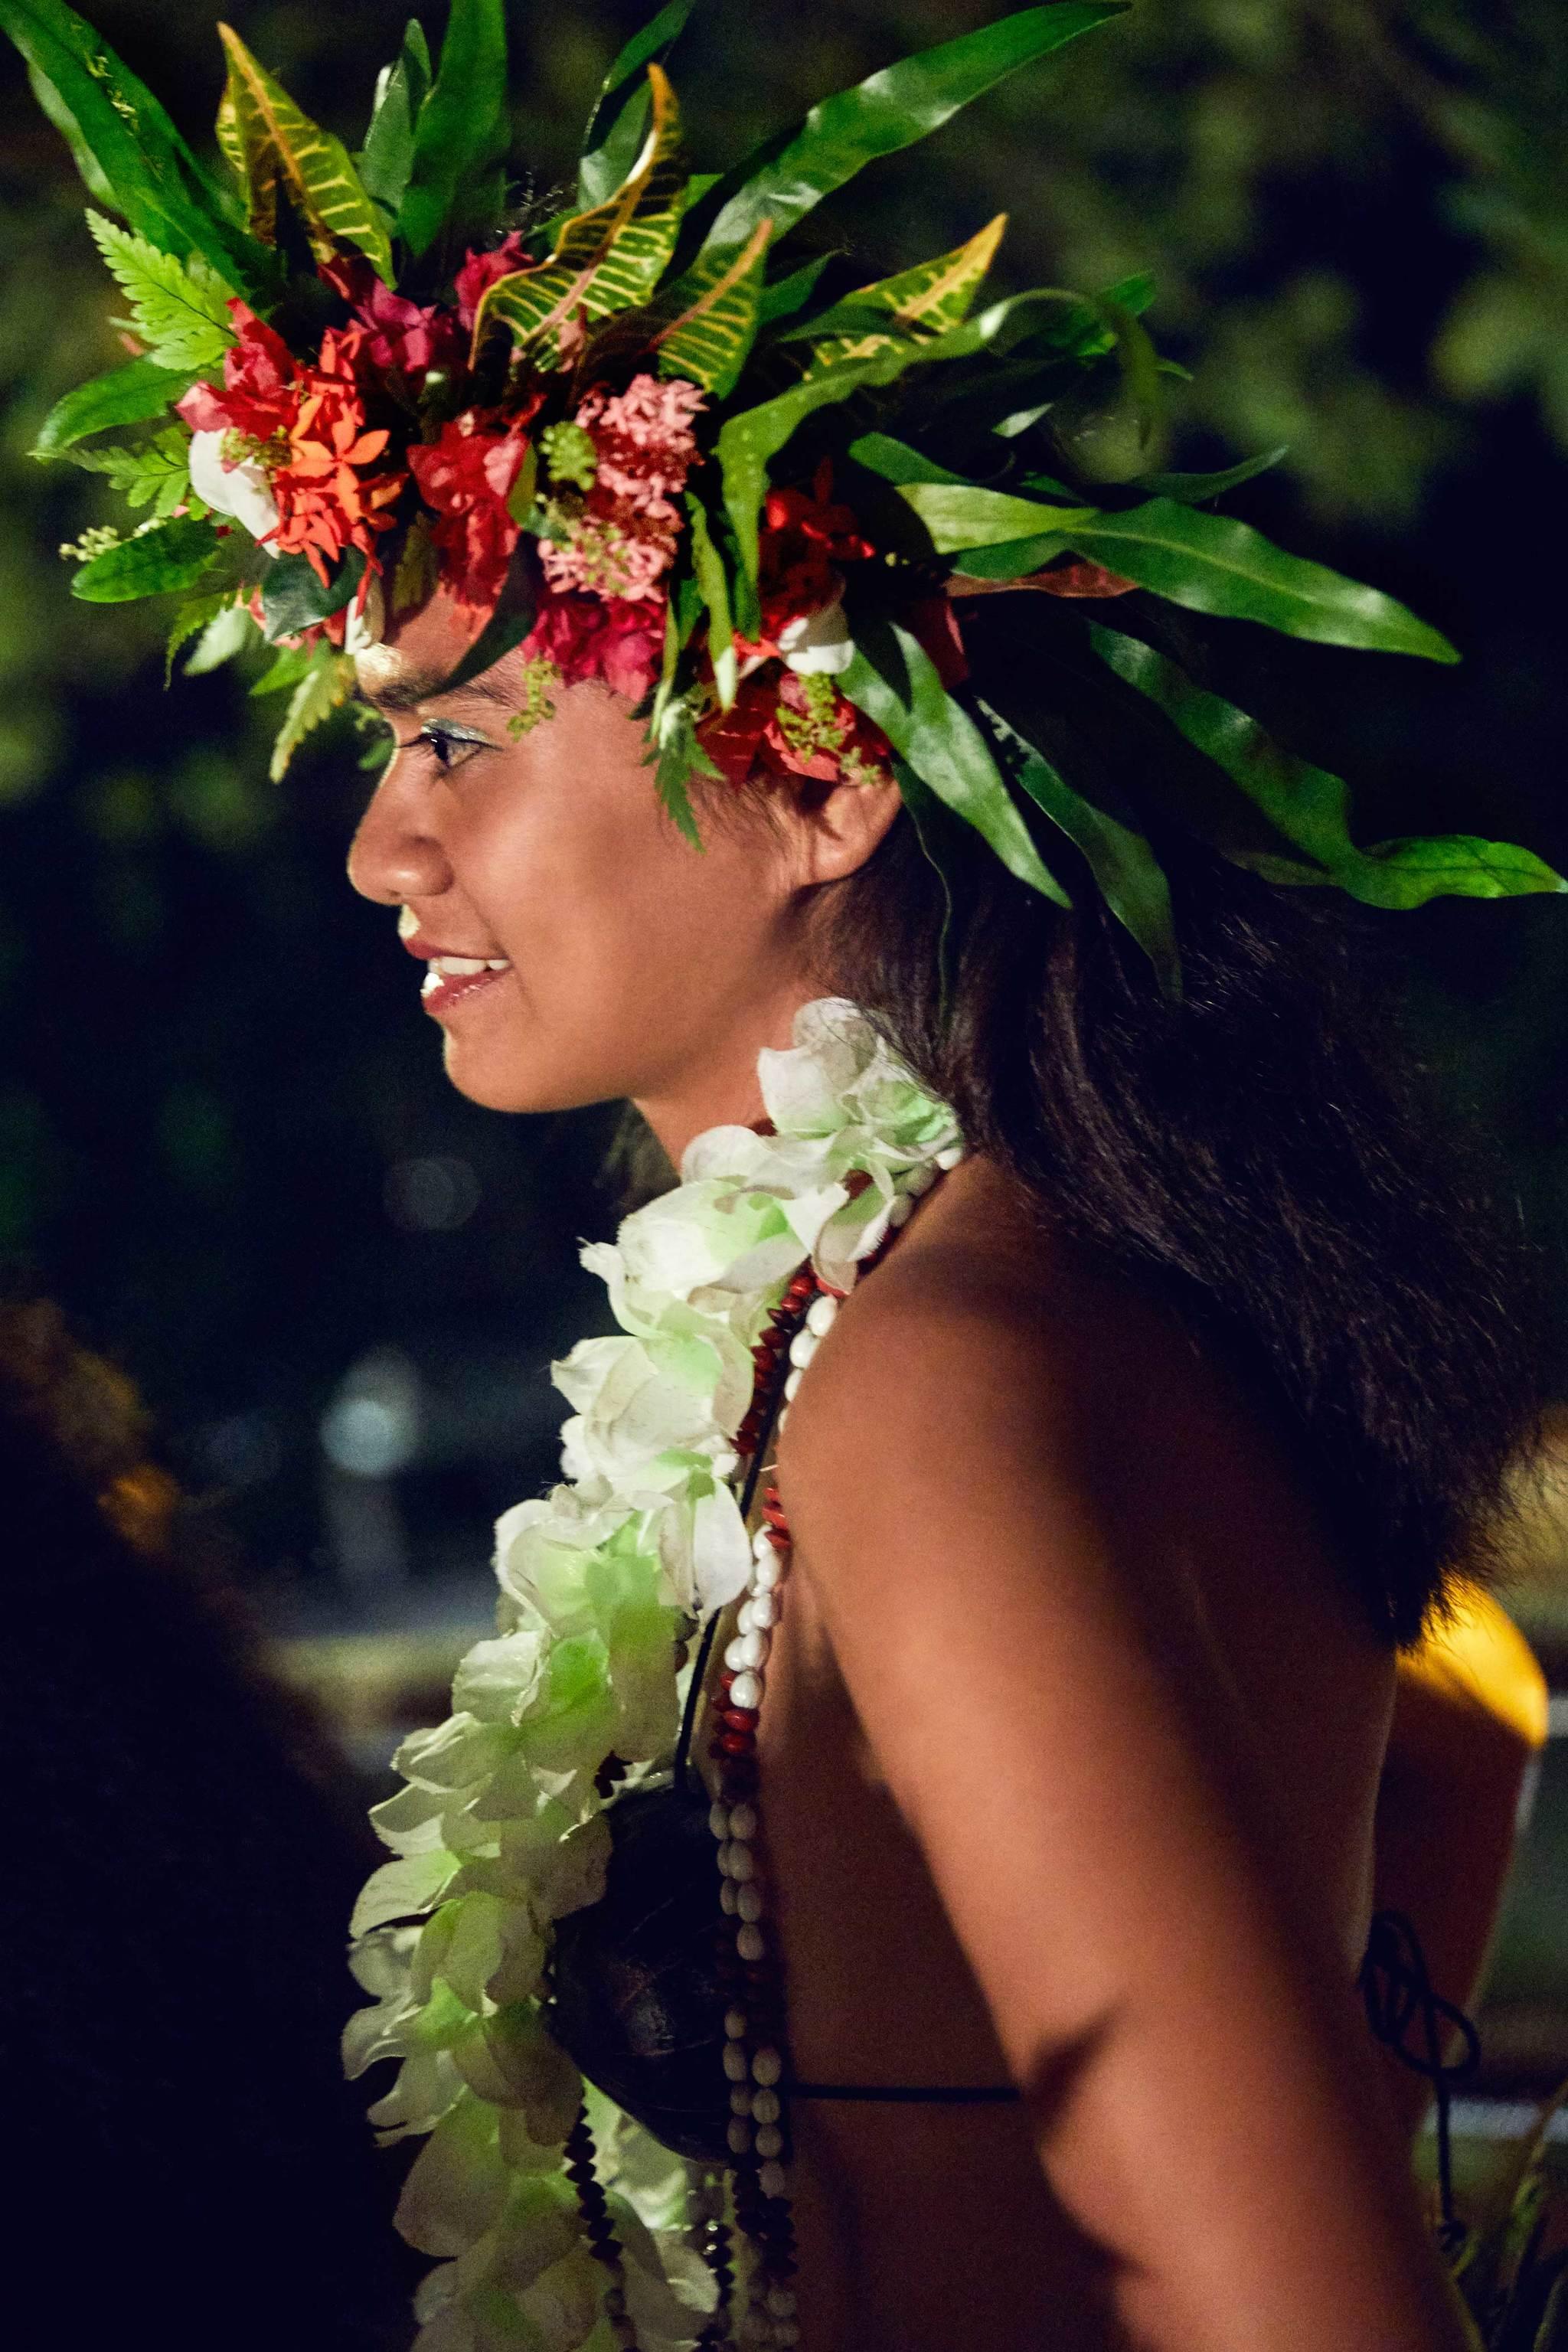 El día terminó observando una danza tradicional de Tahití.